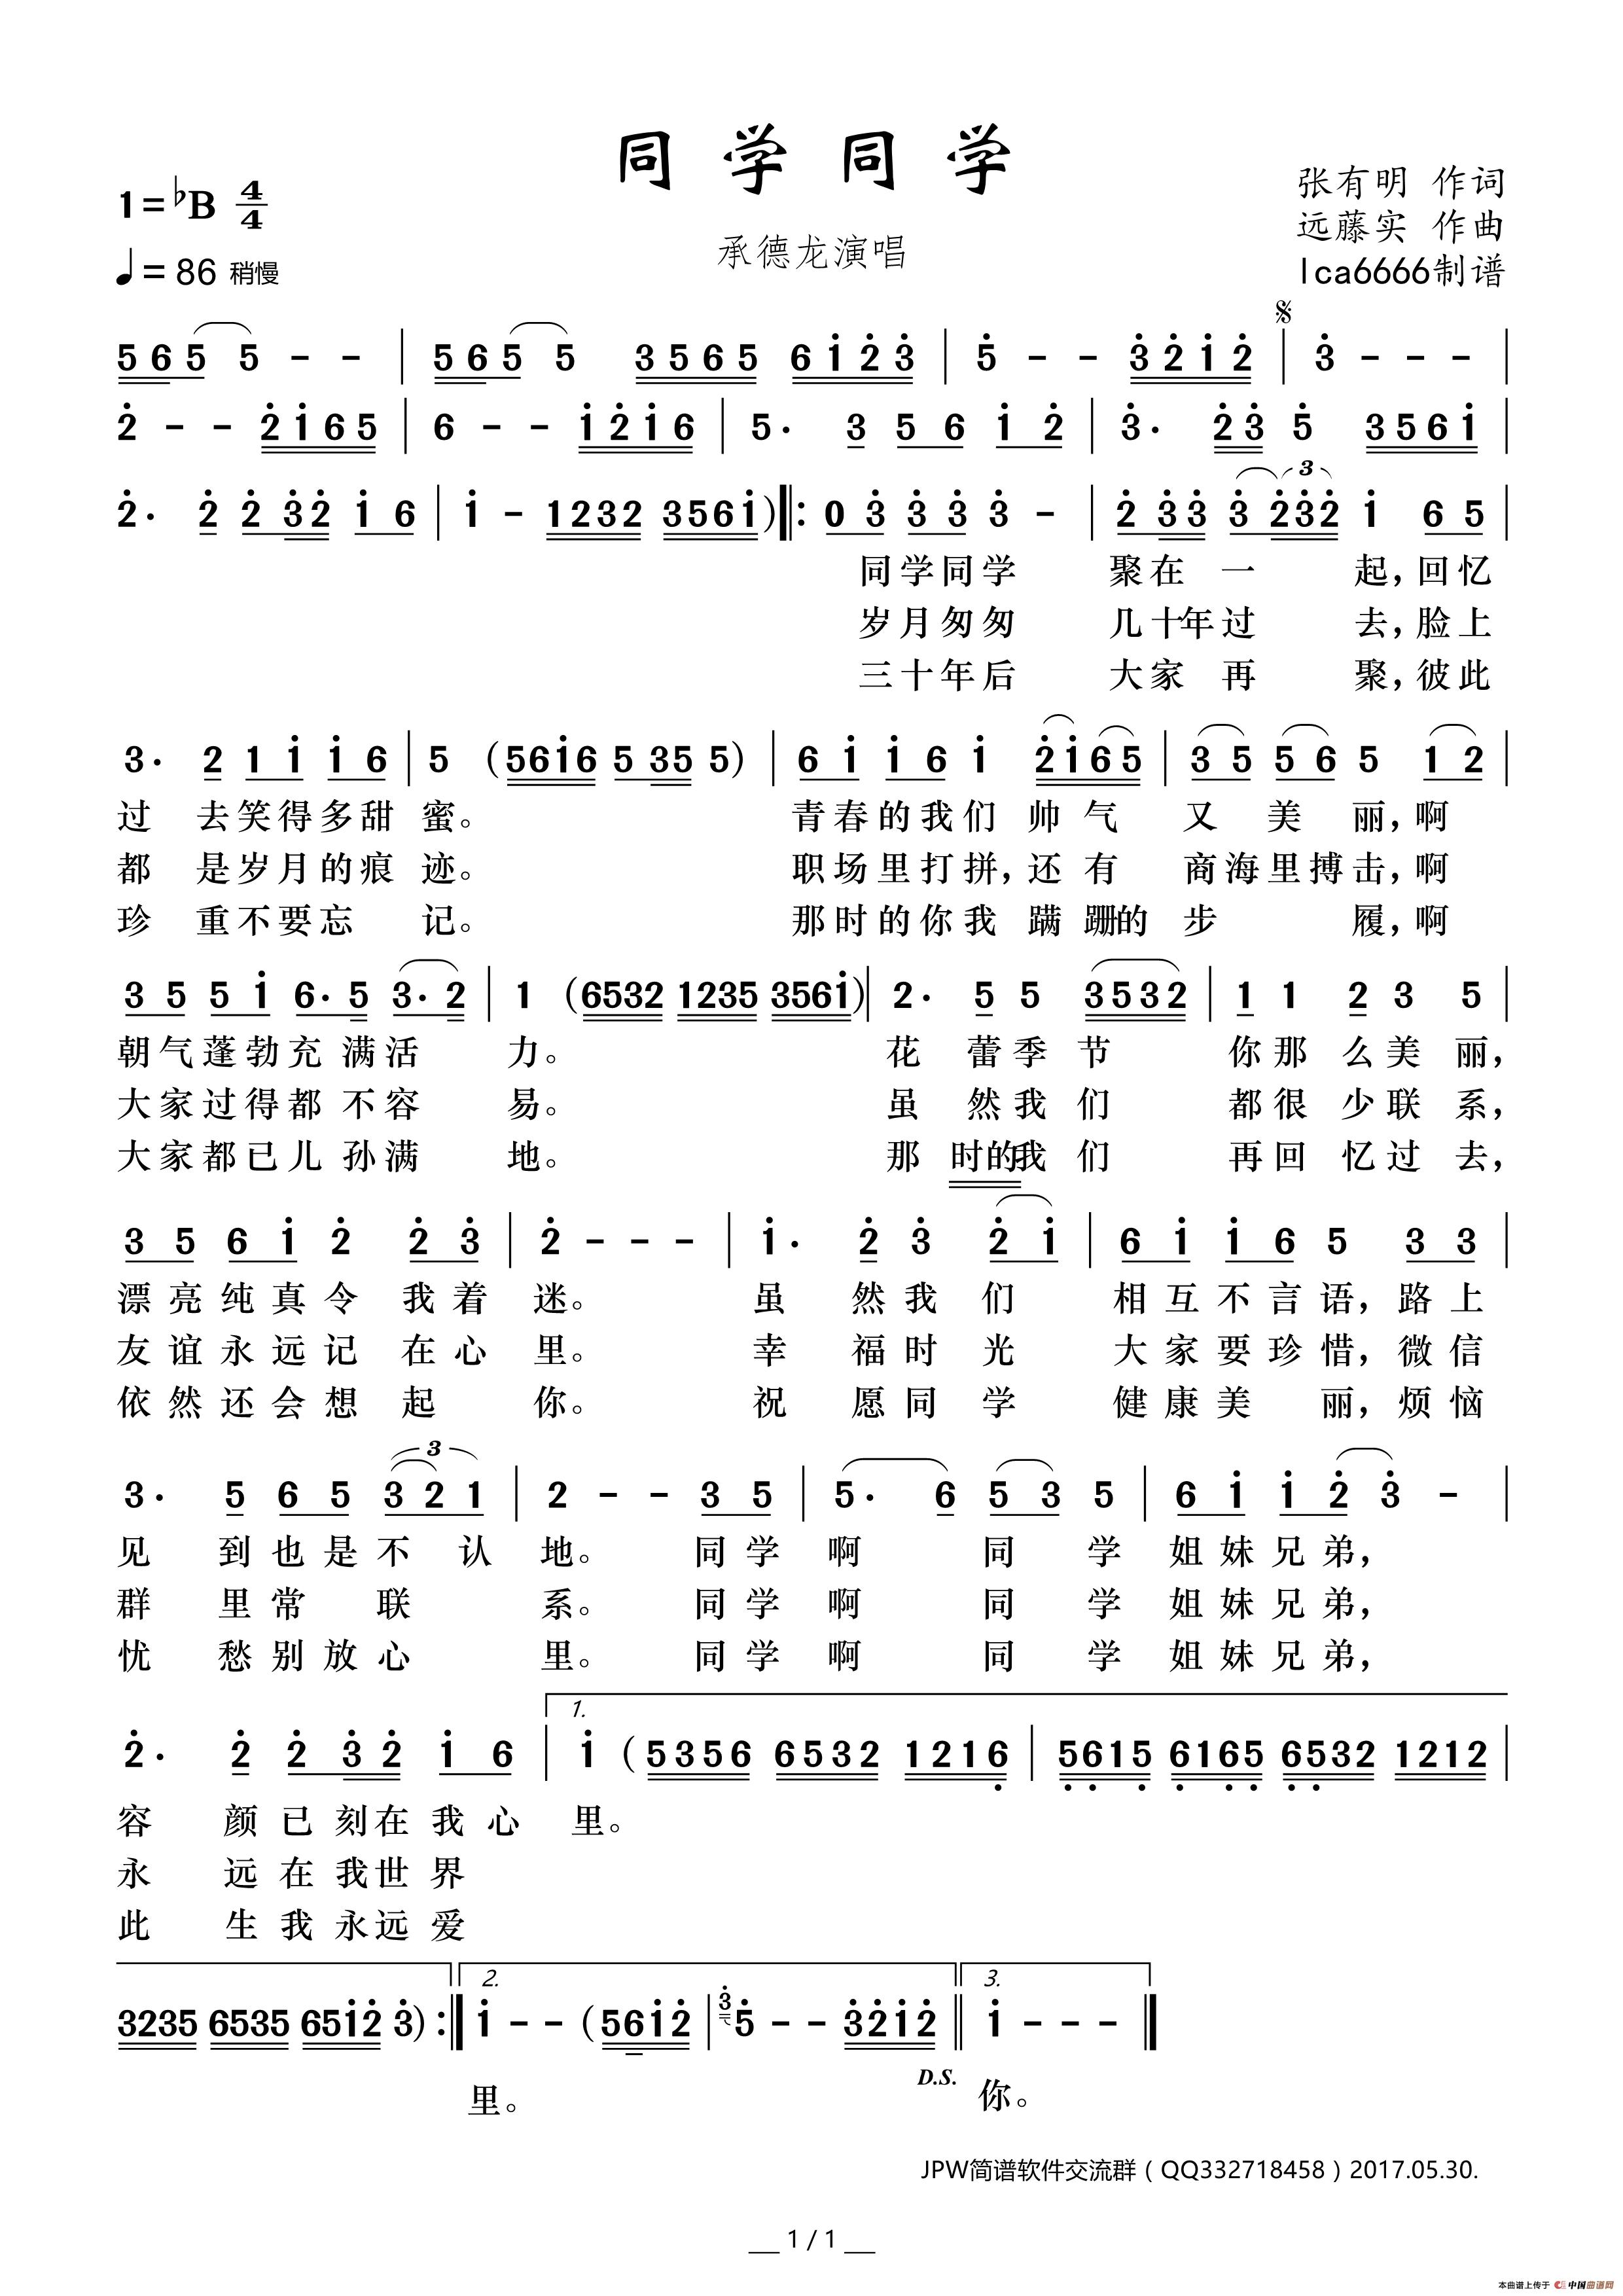 世上最美的路歌词歌谱